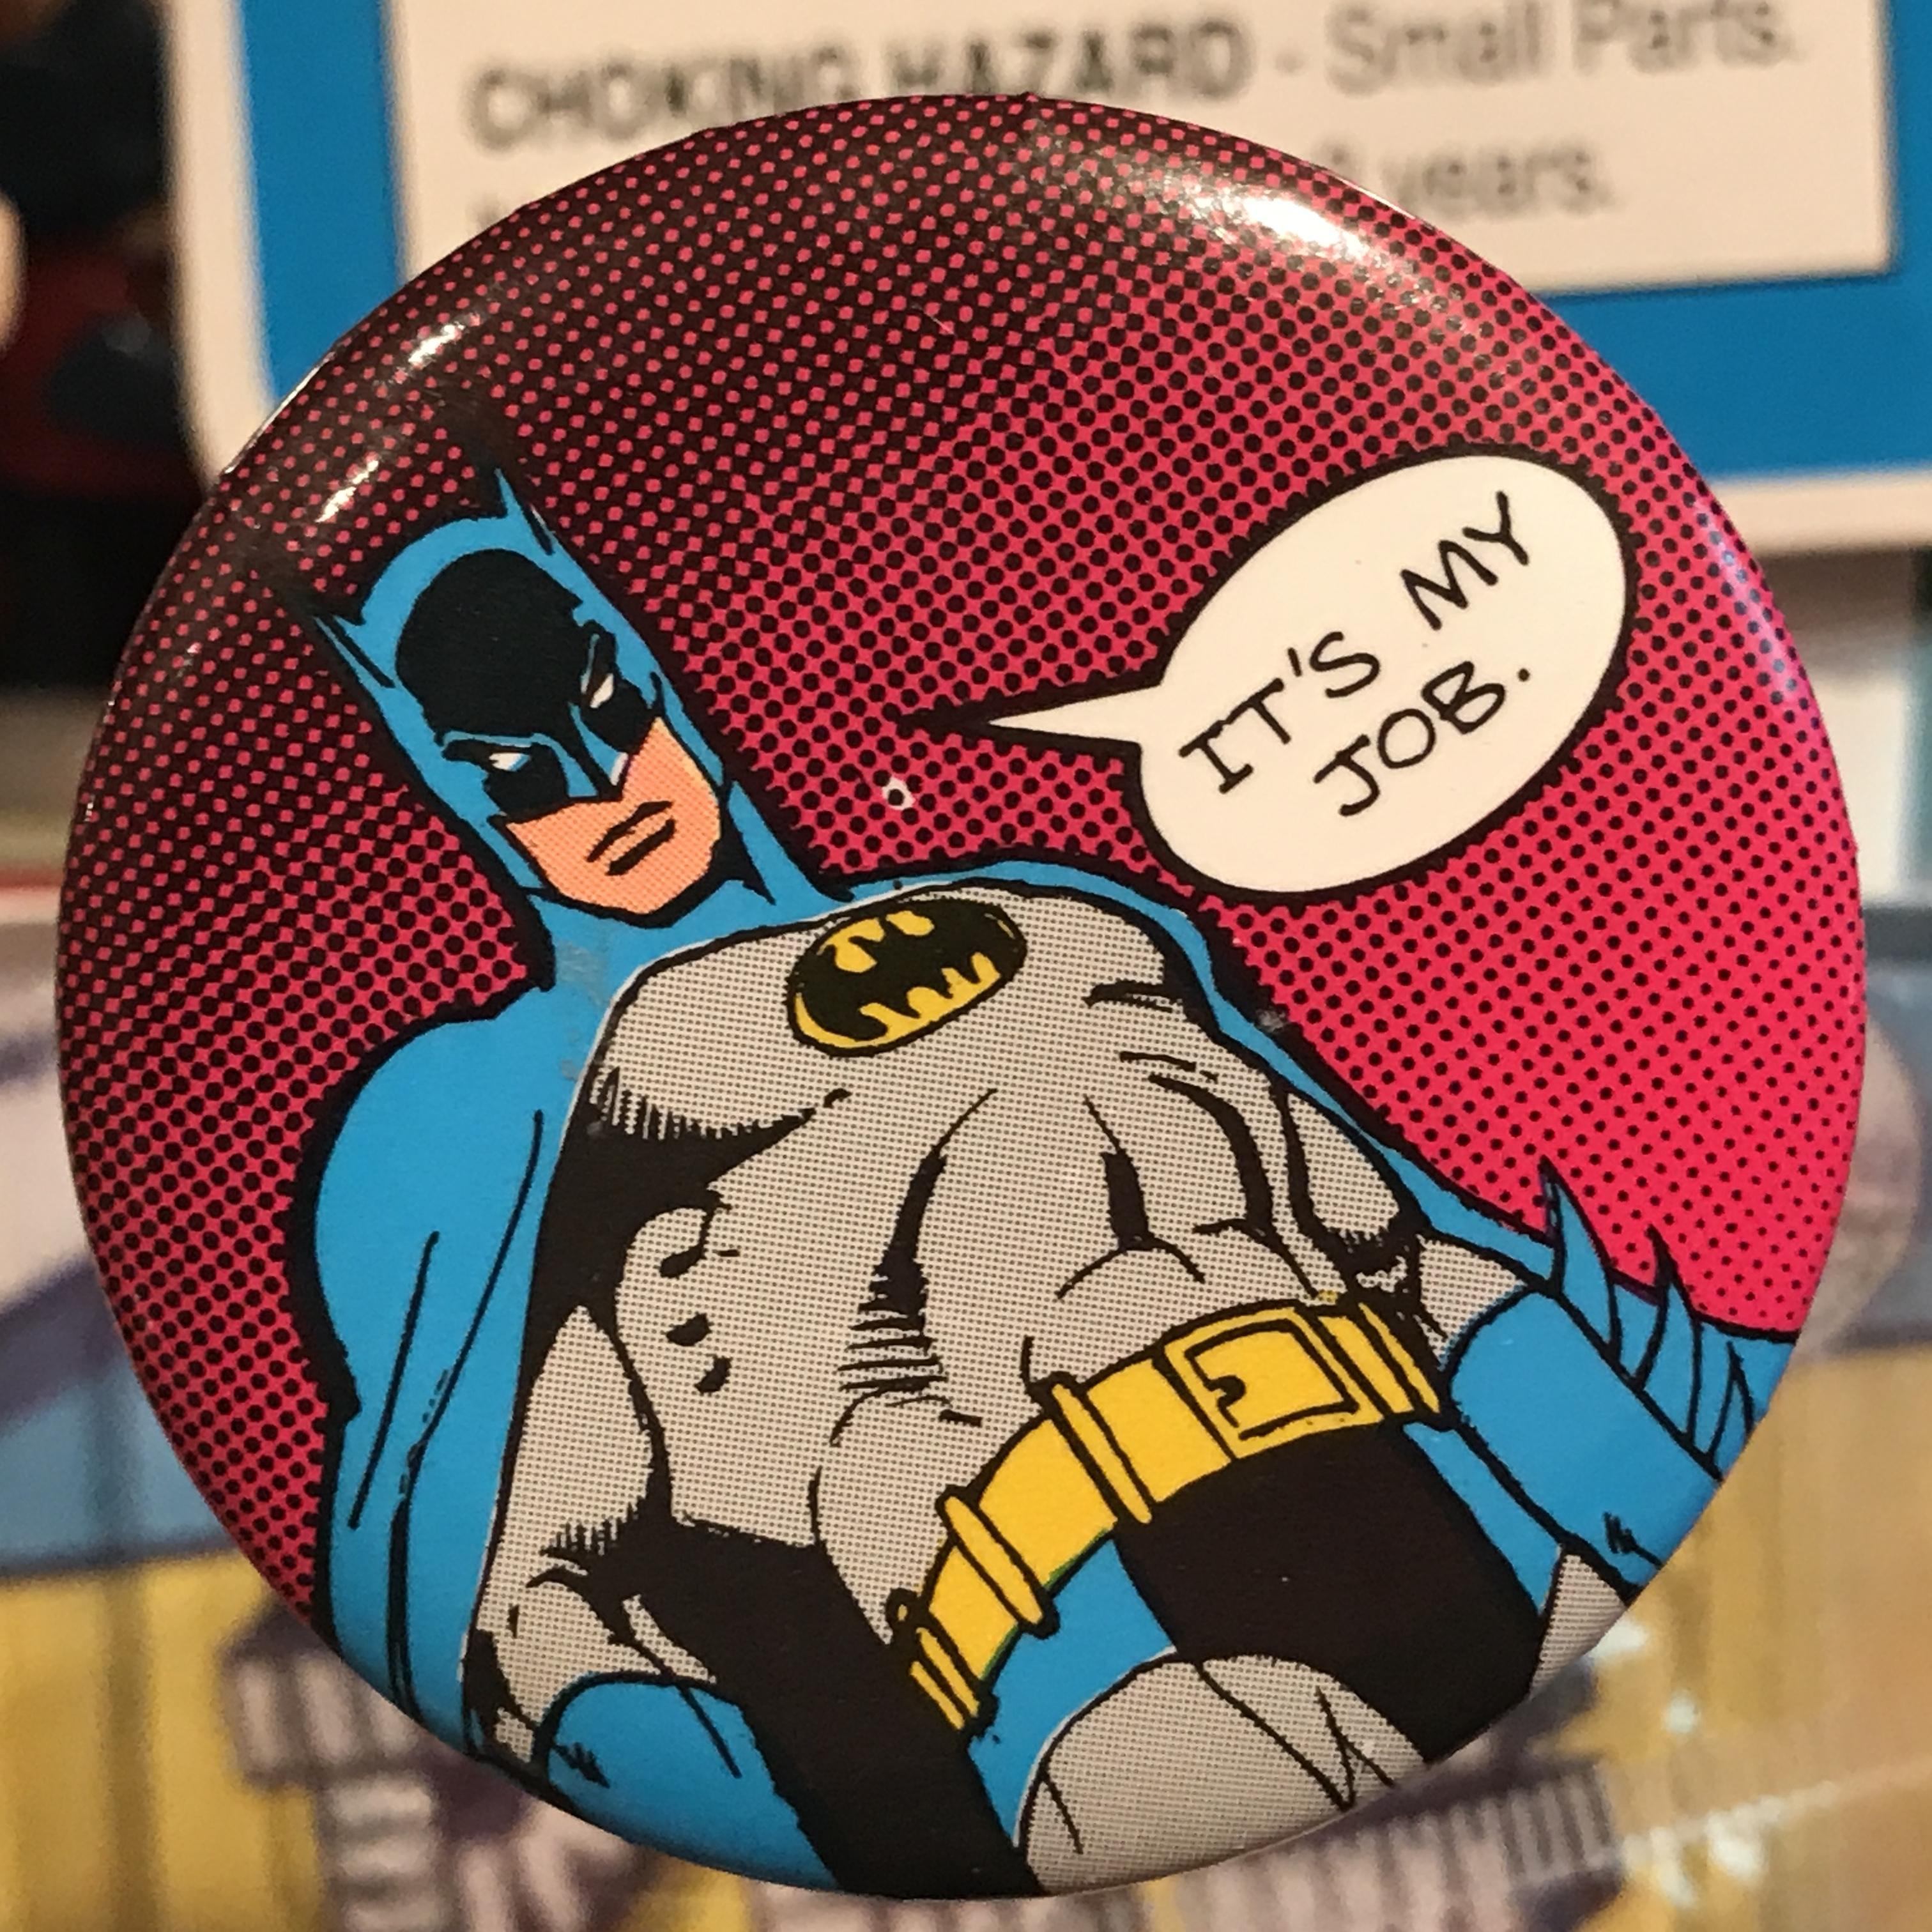 バットマン オールド 缶バッジ 「It's MY JOB.」ver.